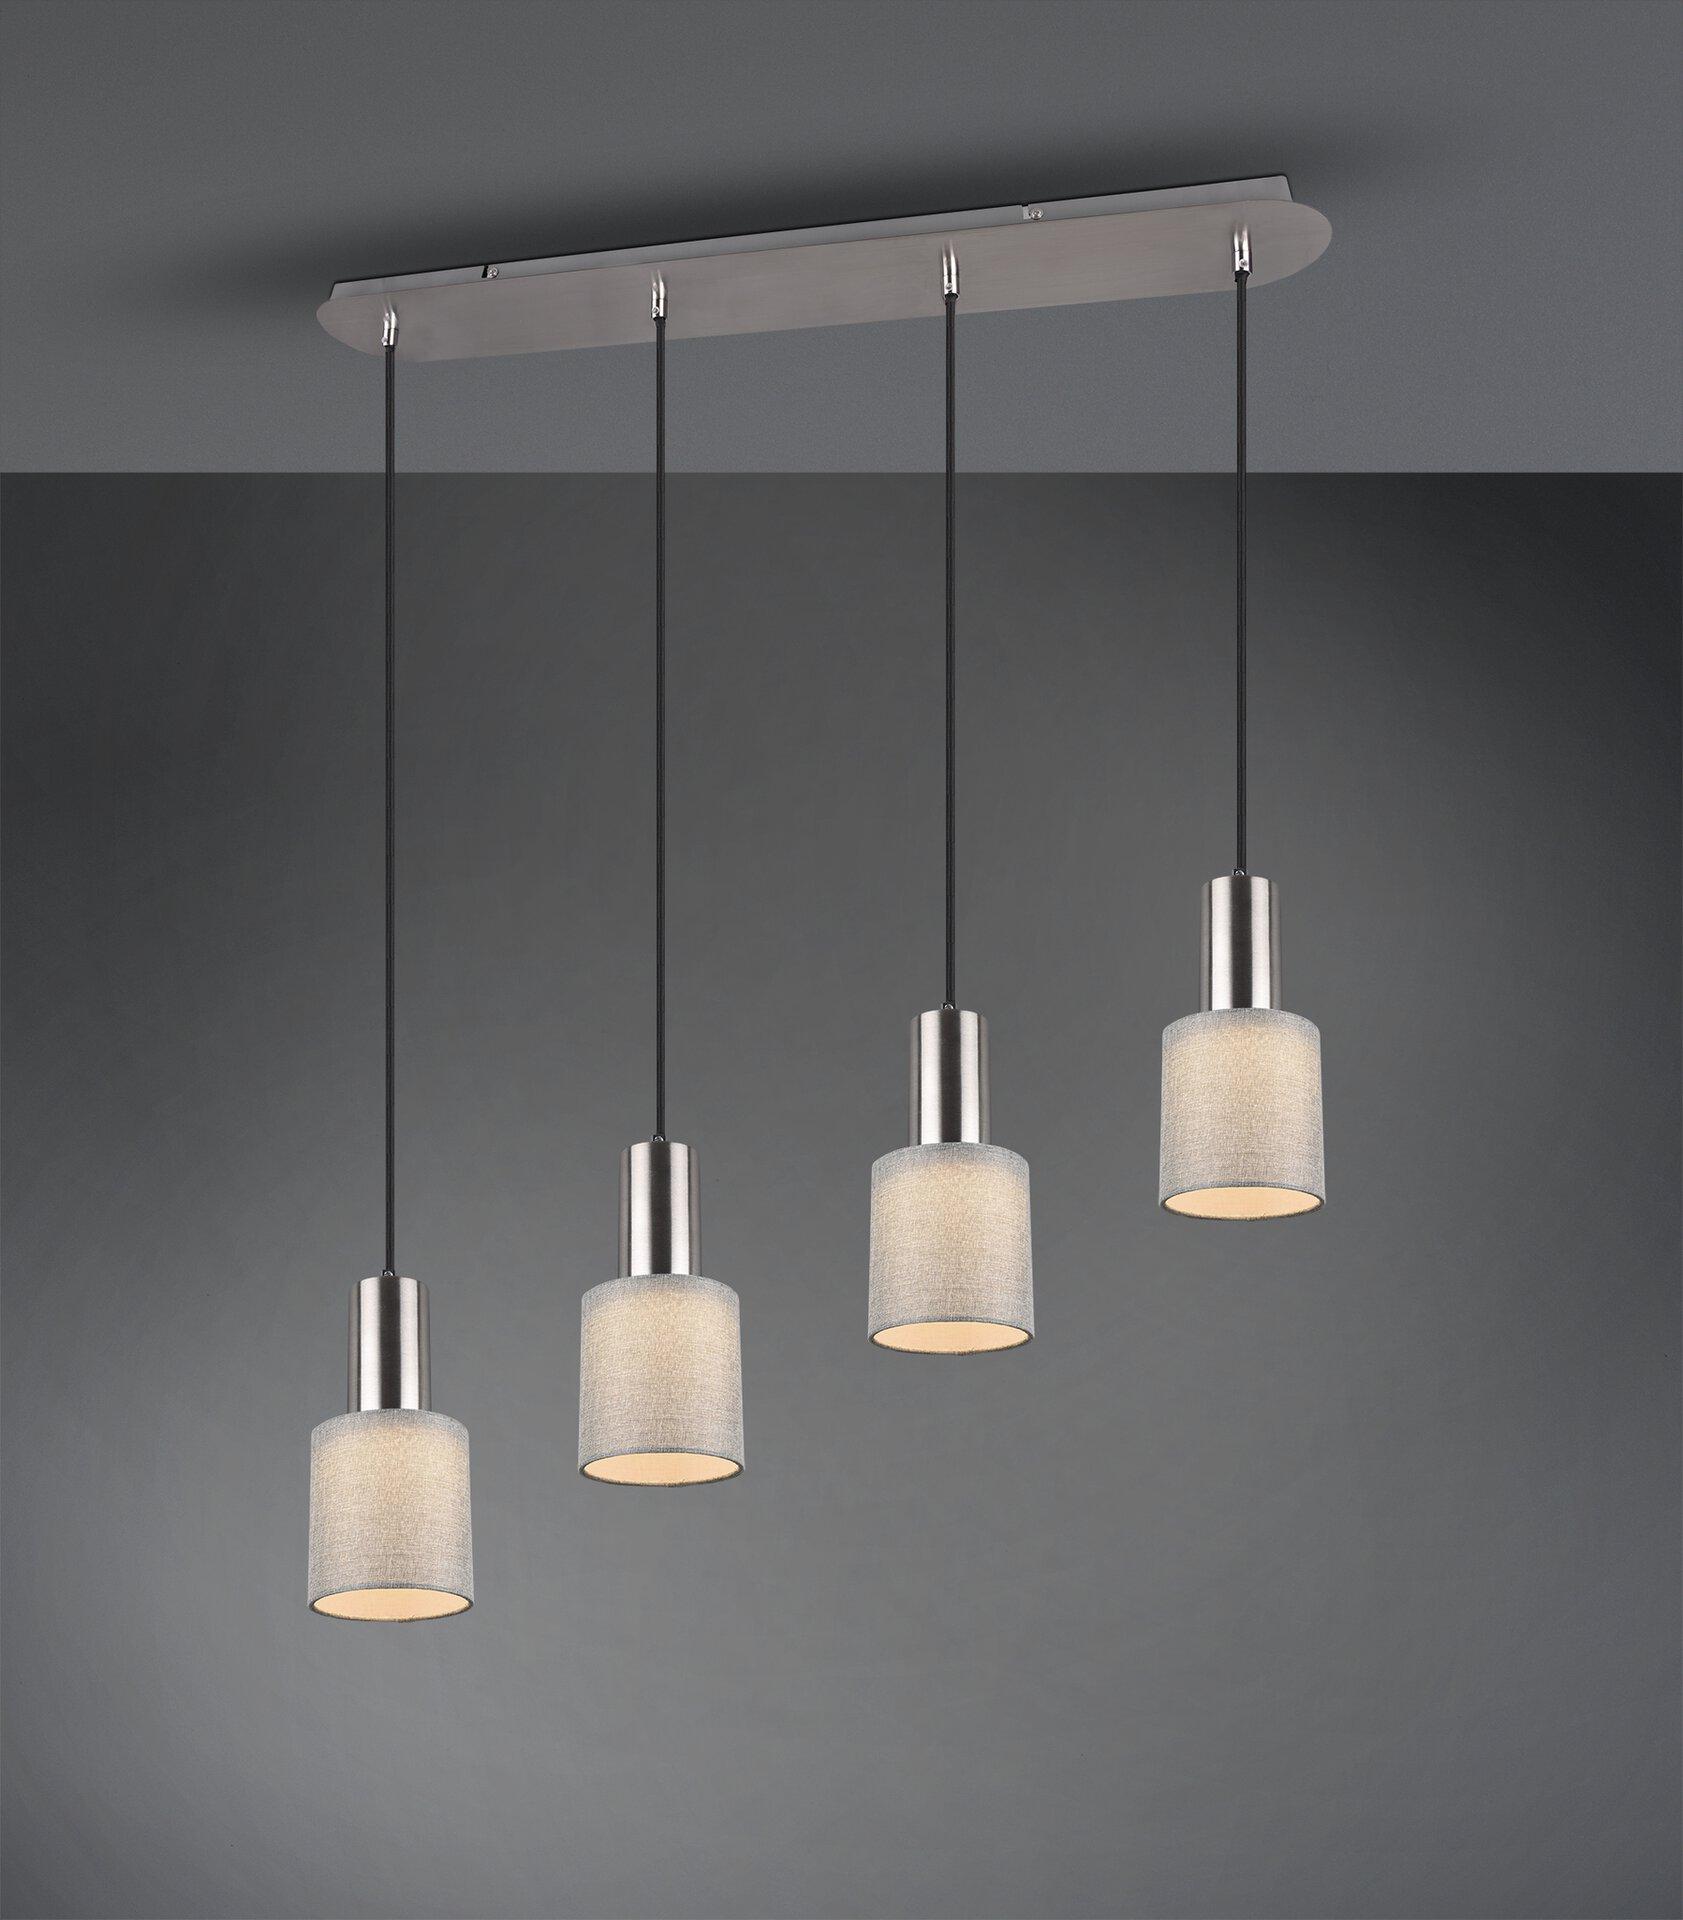 Pendelleuchte Wailer Trio Leuchten Metall silber 80 x 150 x 12 cm